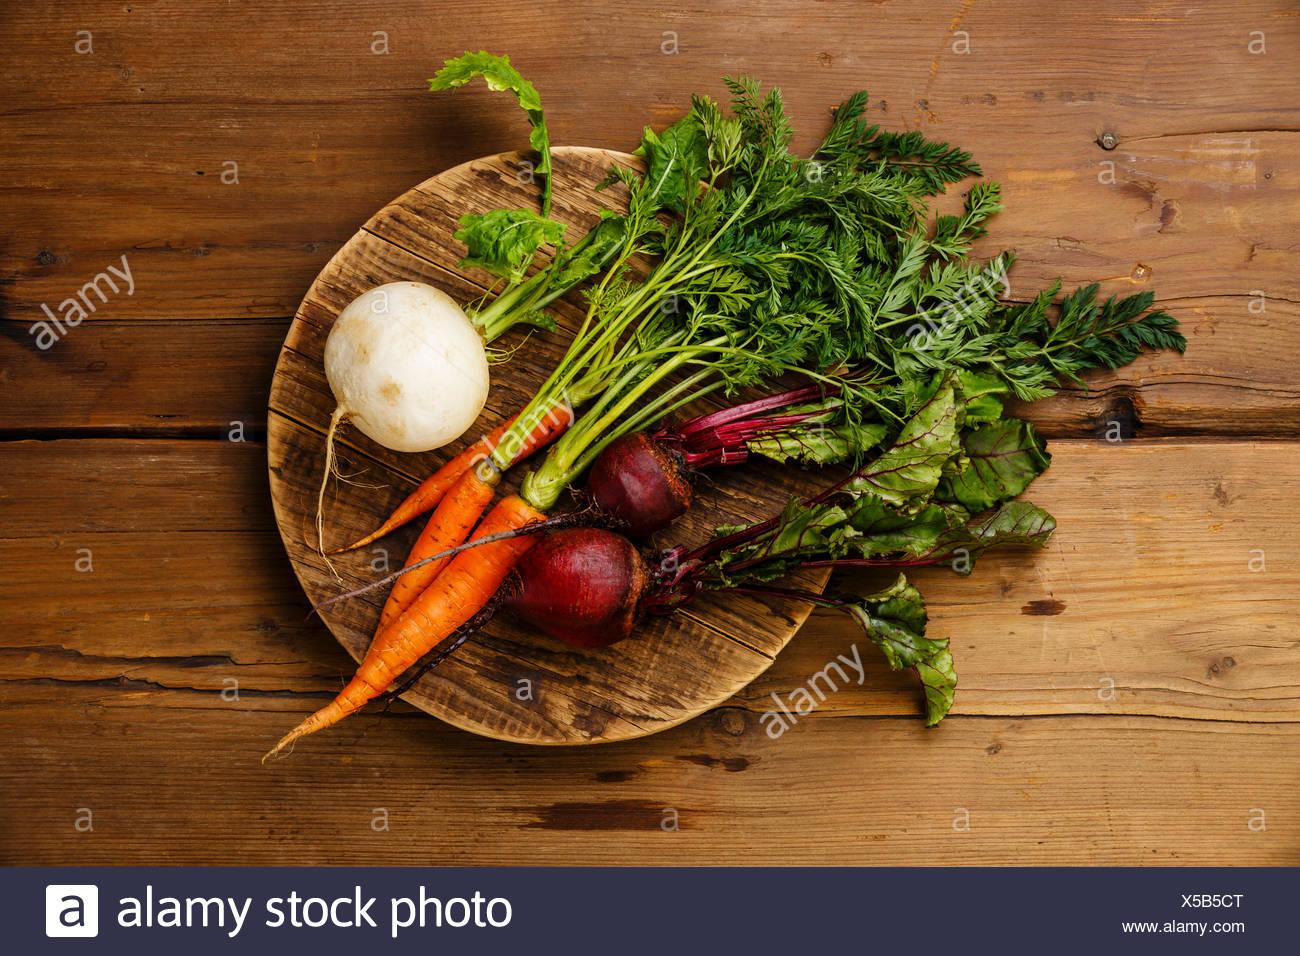 Hortalizas frescas las zanahorias, nabos y remolachas en junta de corte redondo sobre fondo de madera Imagen De Stock